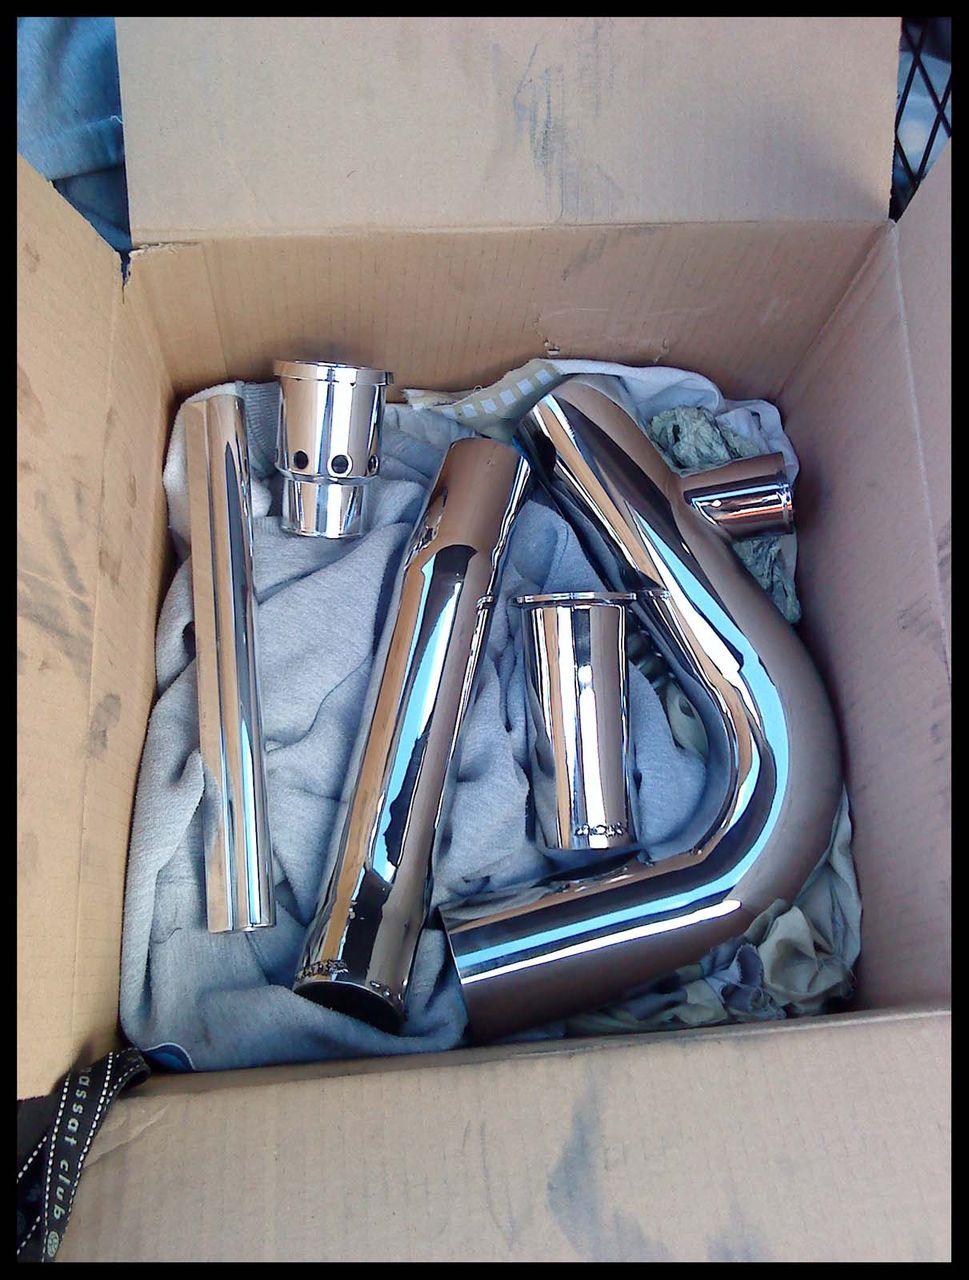 Golf666 - Vw Golf Mk1 Turbo -75 (11.15@204km/h) - Sida 9 943855_bjhtsc